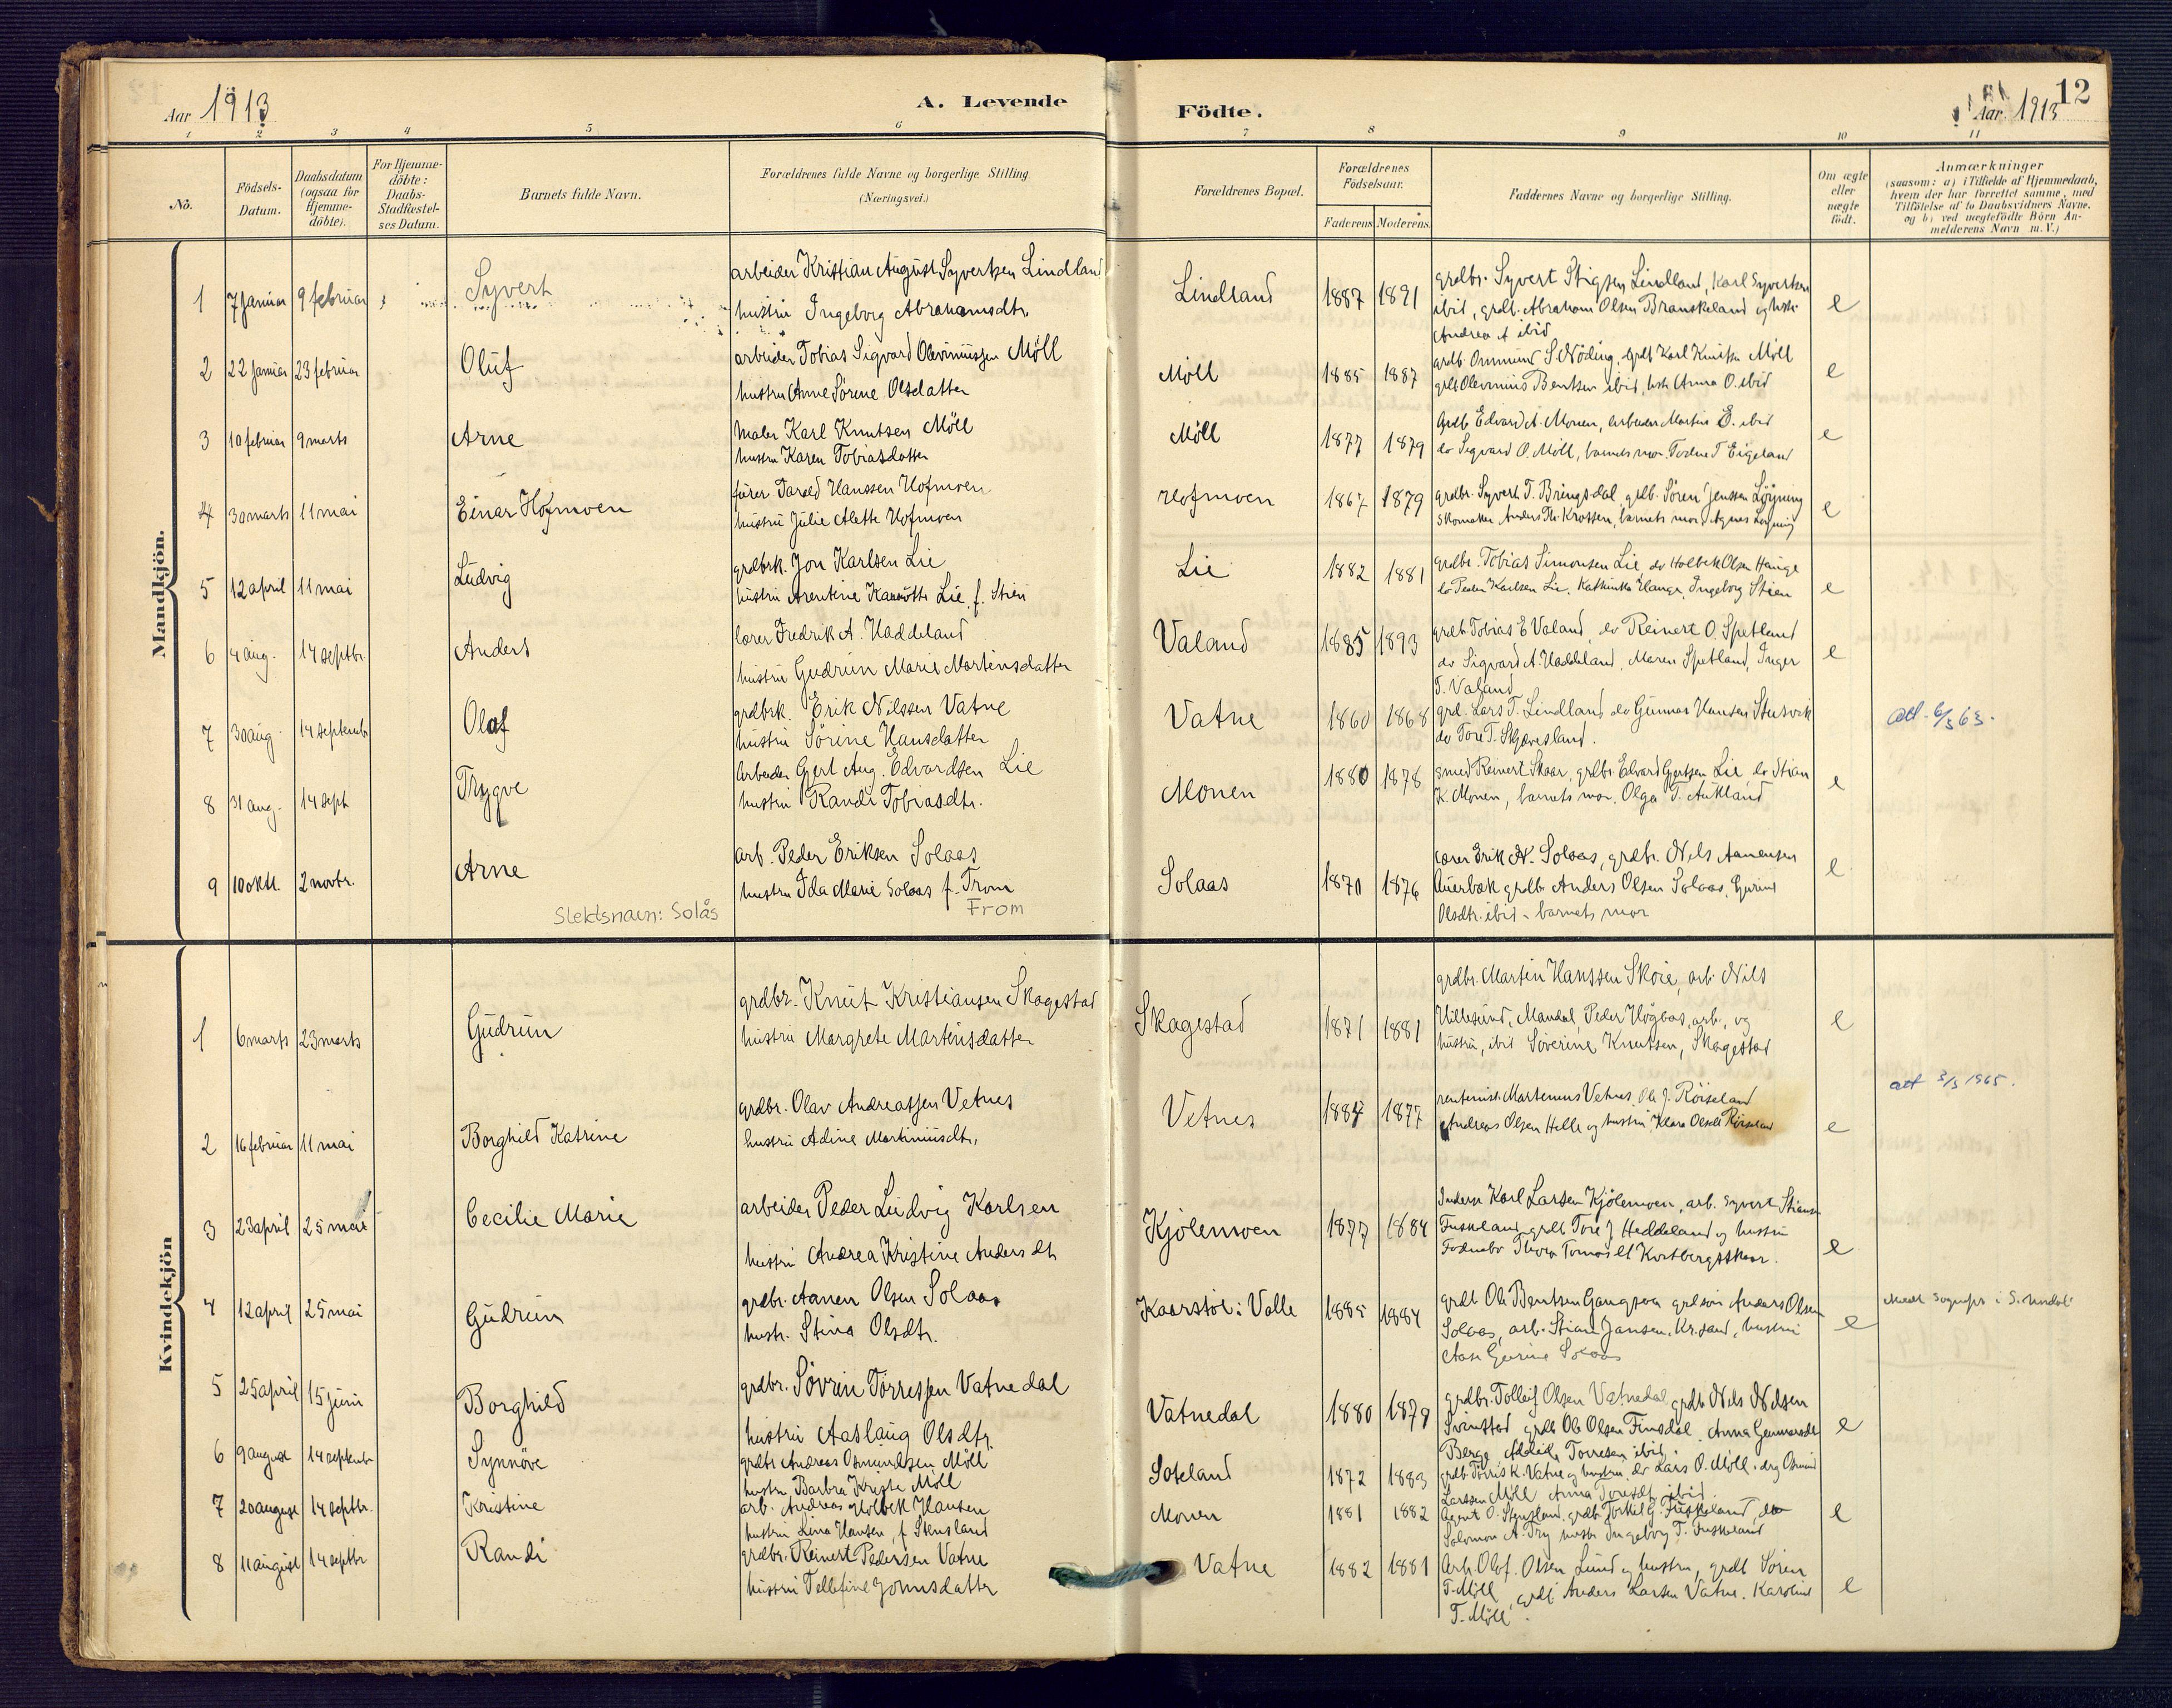 SAK, Holum sokneprestkontor, F/Fa/Faa/L0008: Ministerialbok nr. A 8, 1908-1929, s. 12